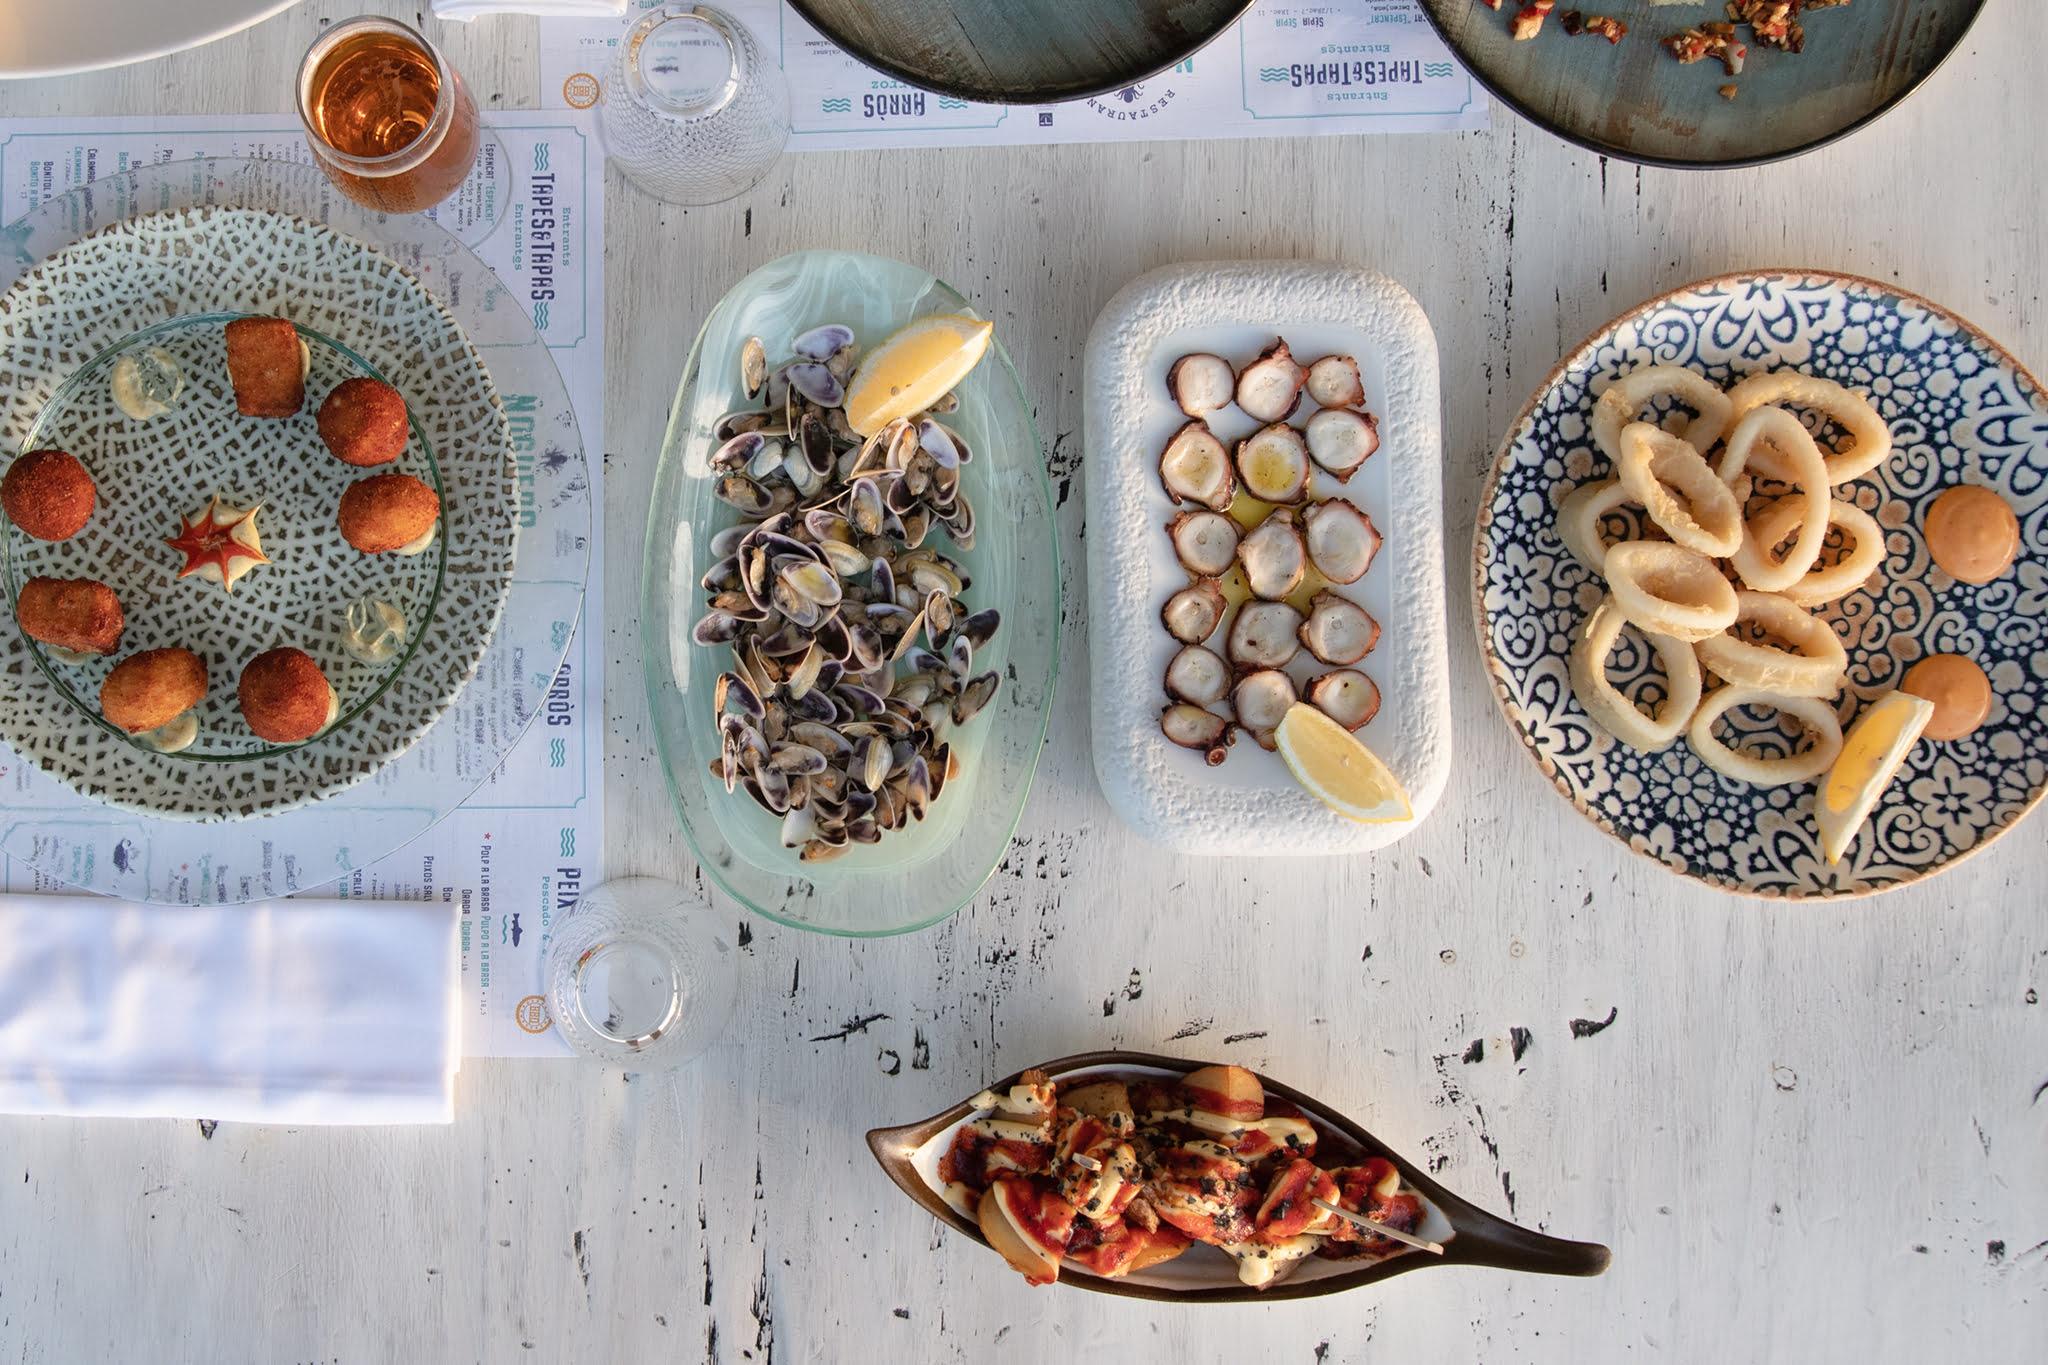 Tellinas, pulpo seco y calamares – Restaurant Noguera